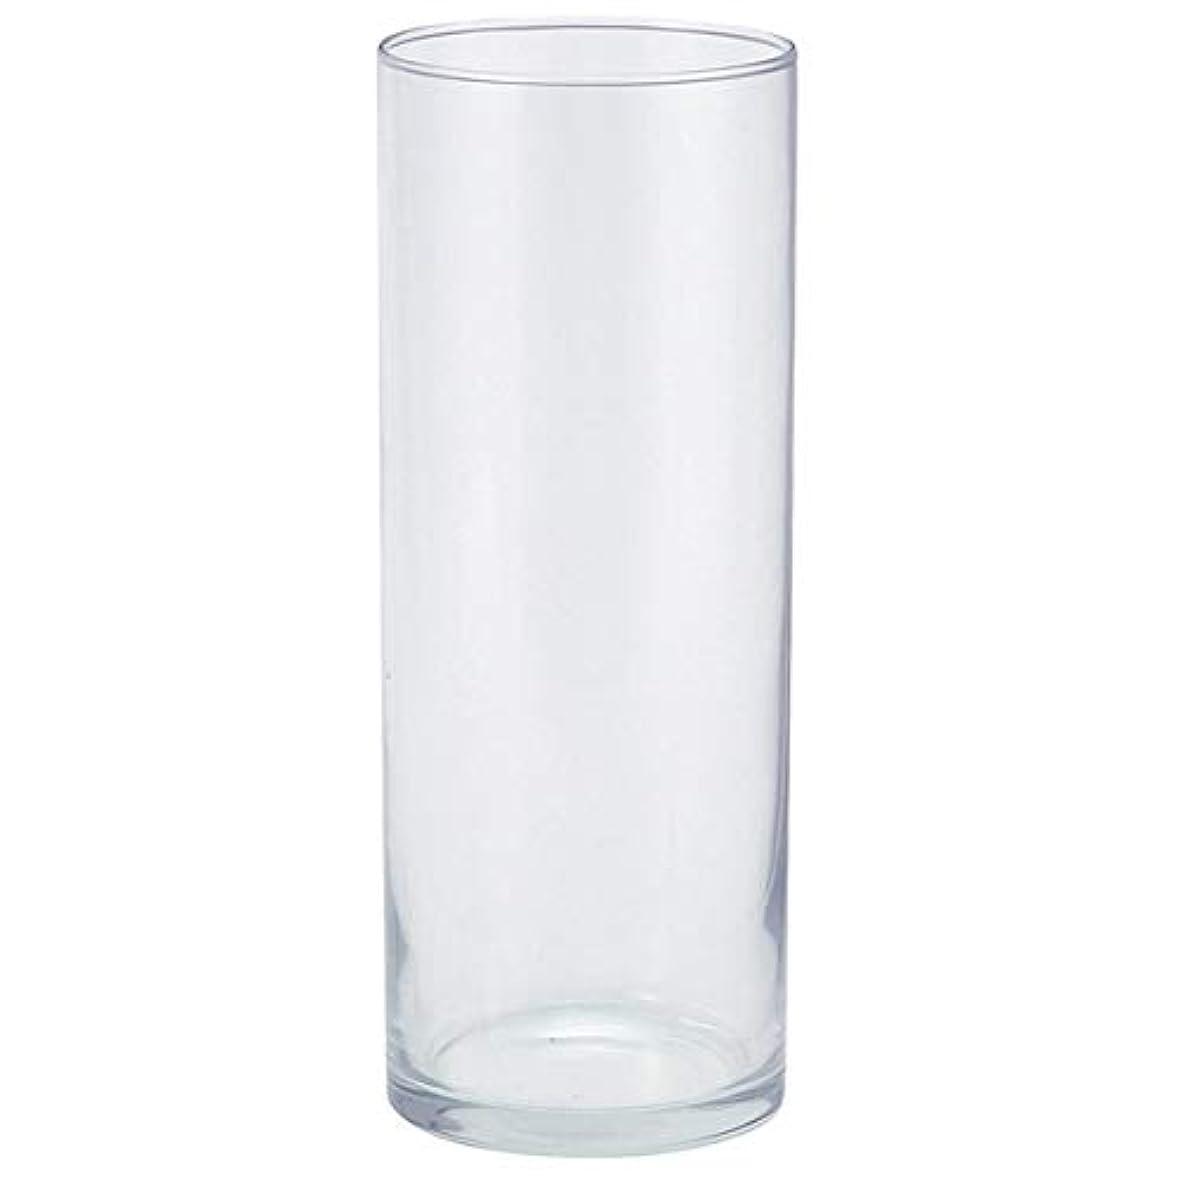 くつろぎ権限ロバkameyama candle(カメヤマキャンドル) モルカグラスL(66000204)